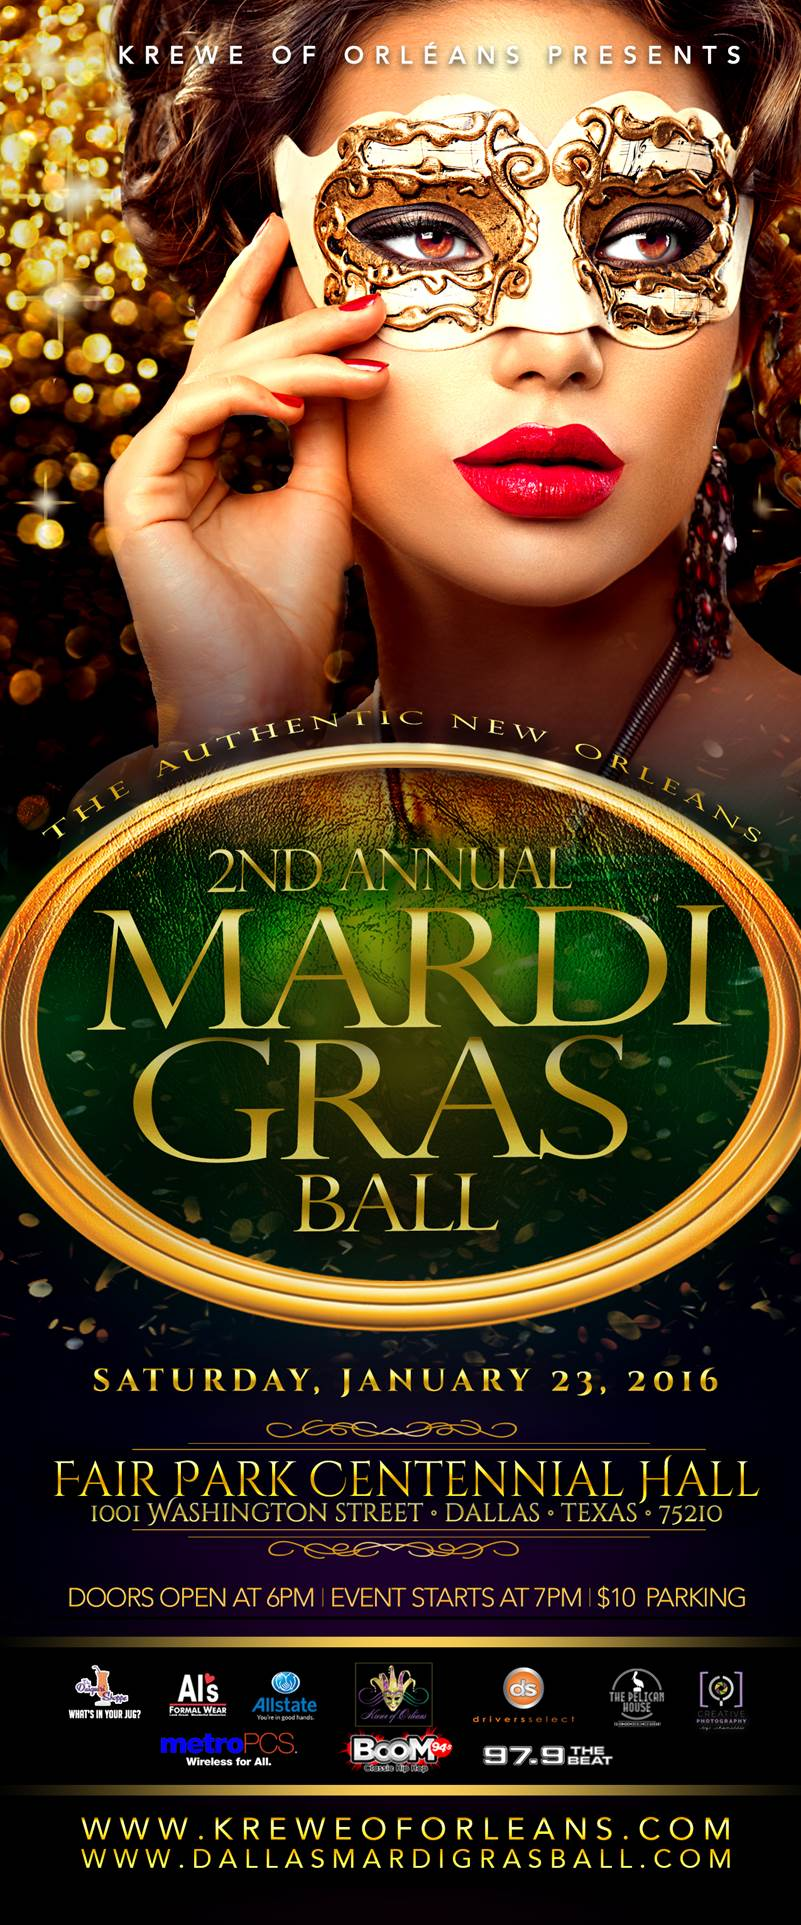 2nd Annual Mardi Gras Ball